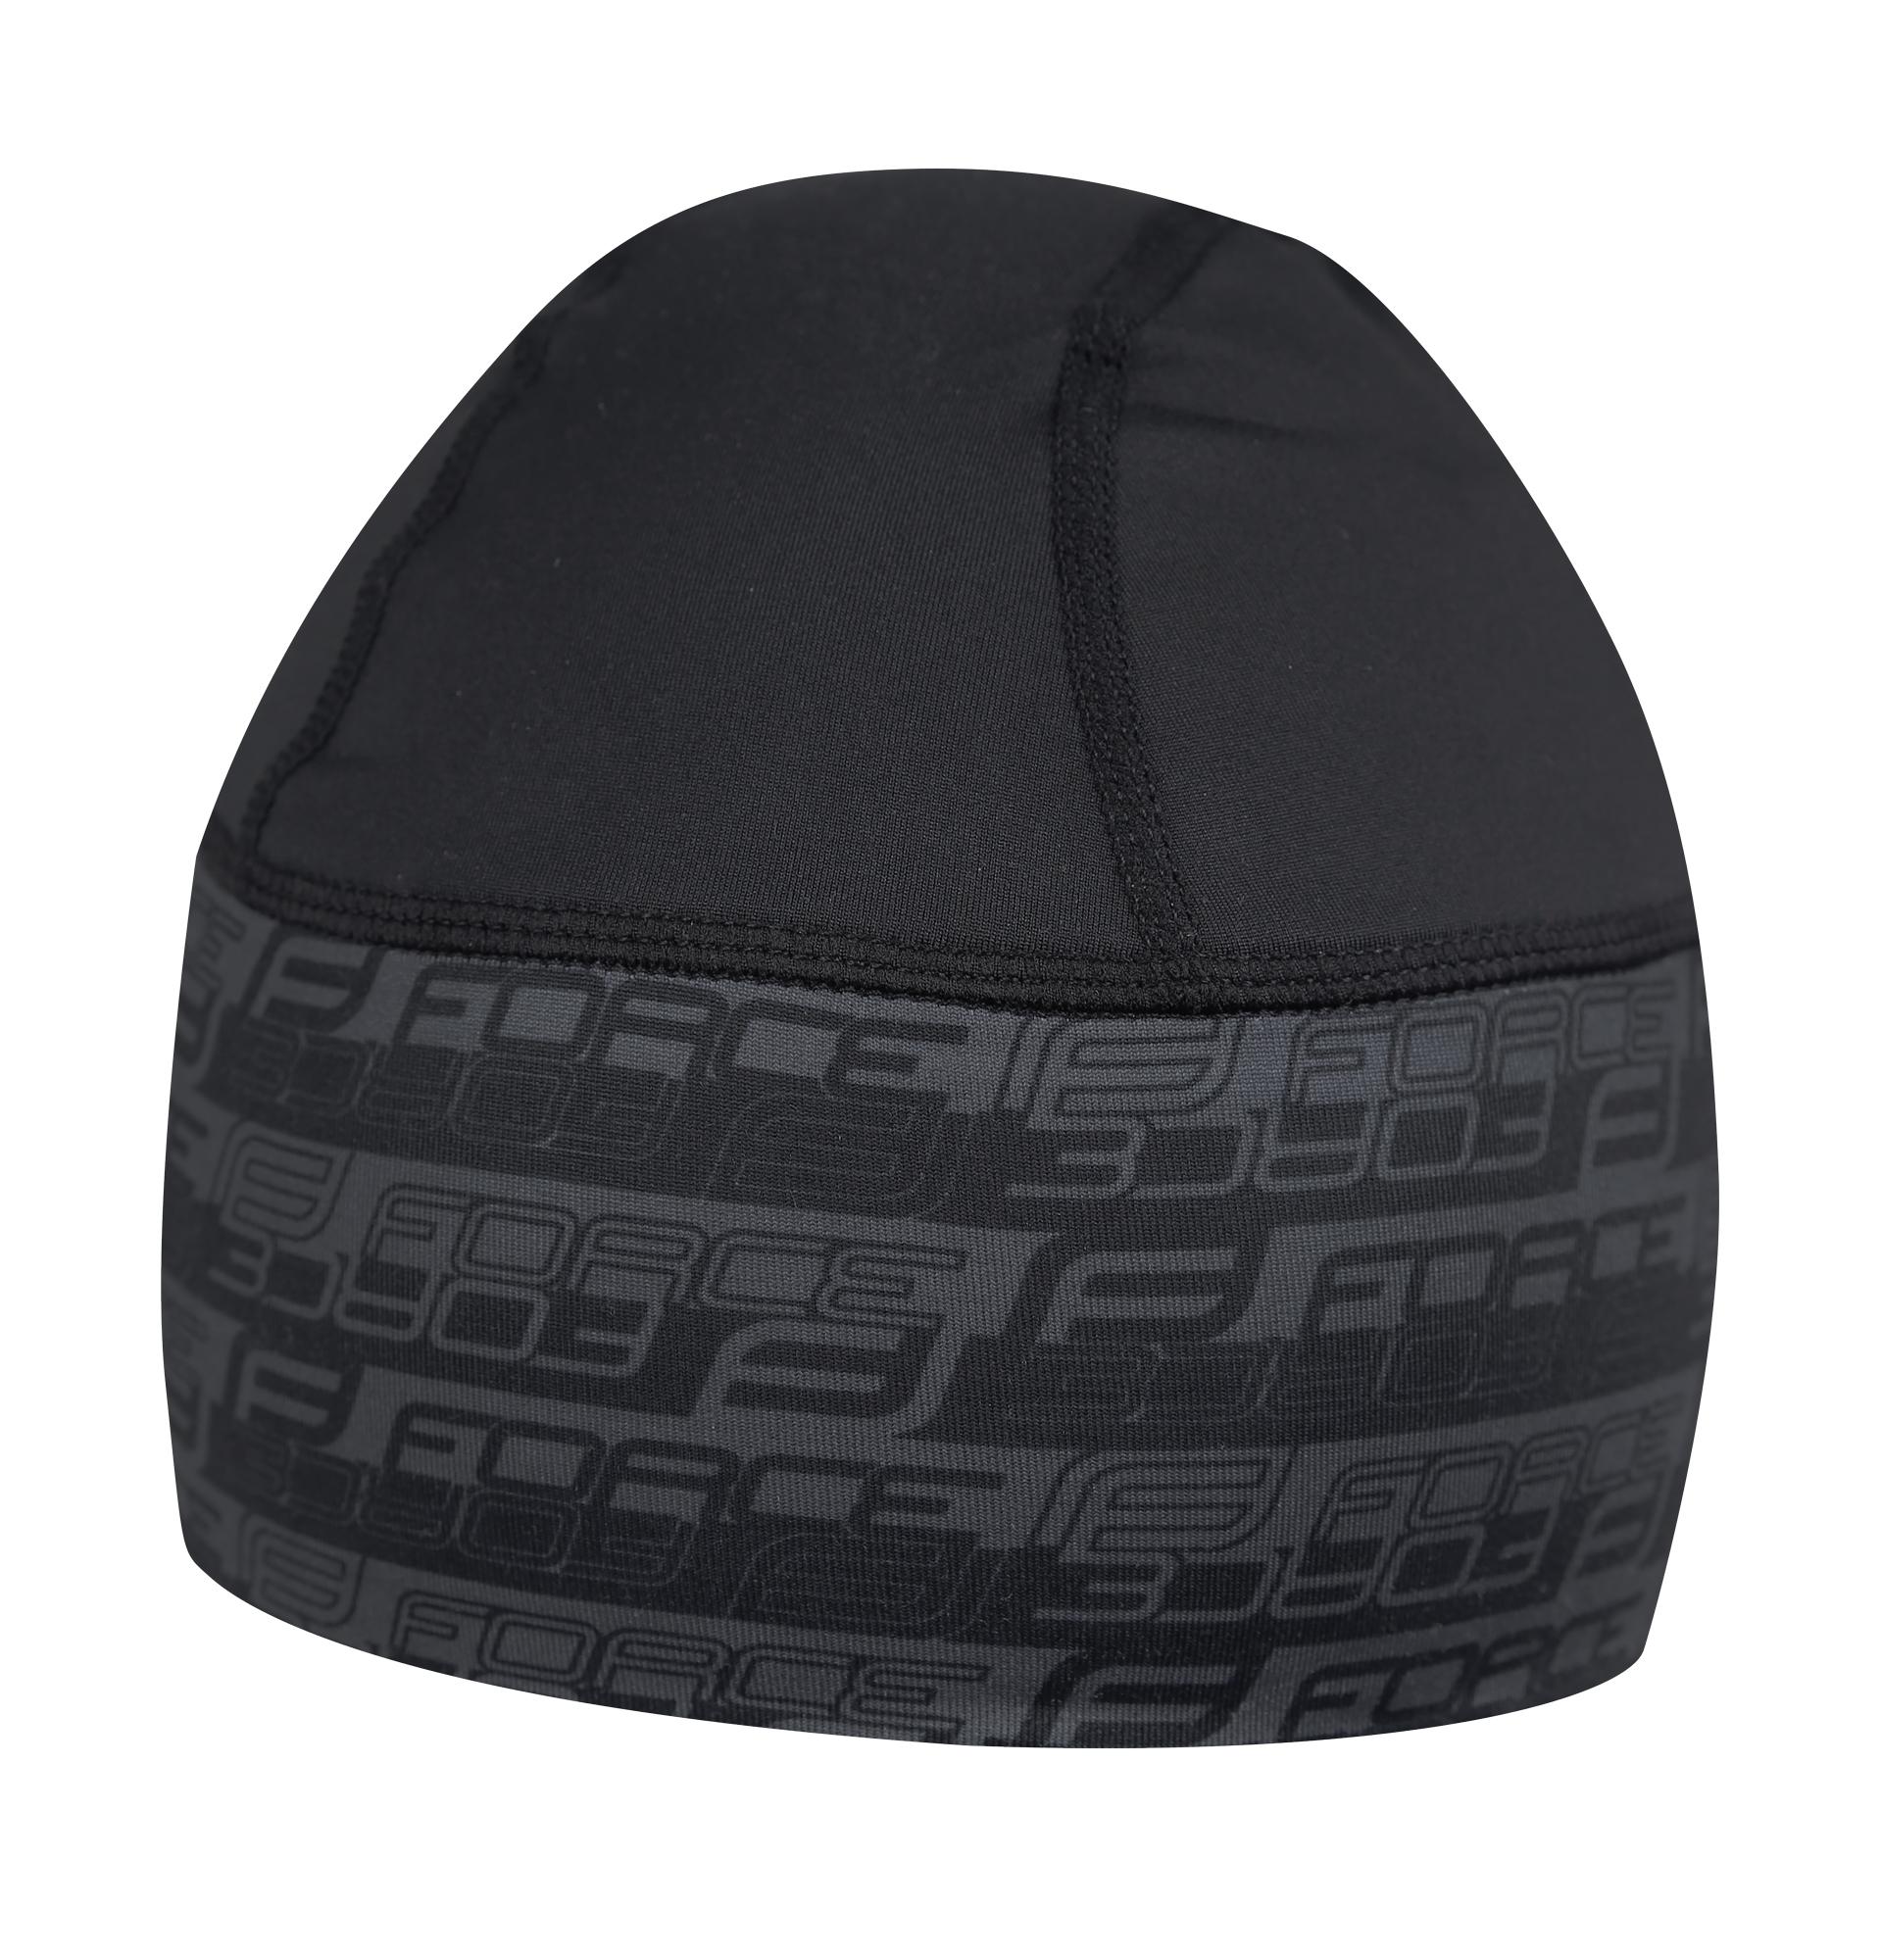 čepice pod přilbu FORCE zateplená lycra černá L-XL